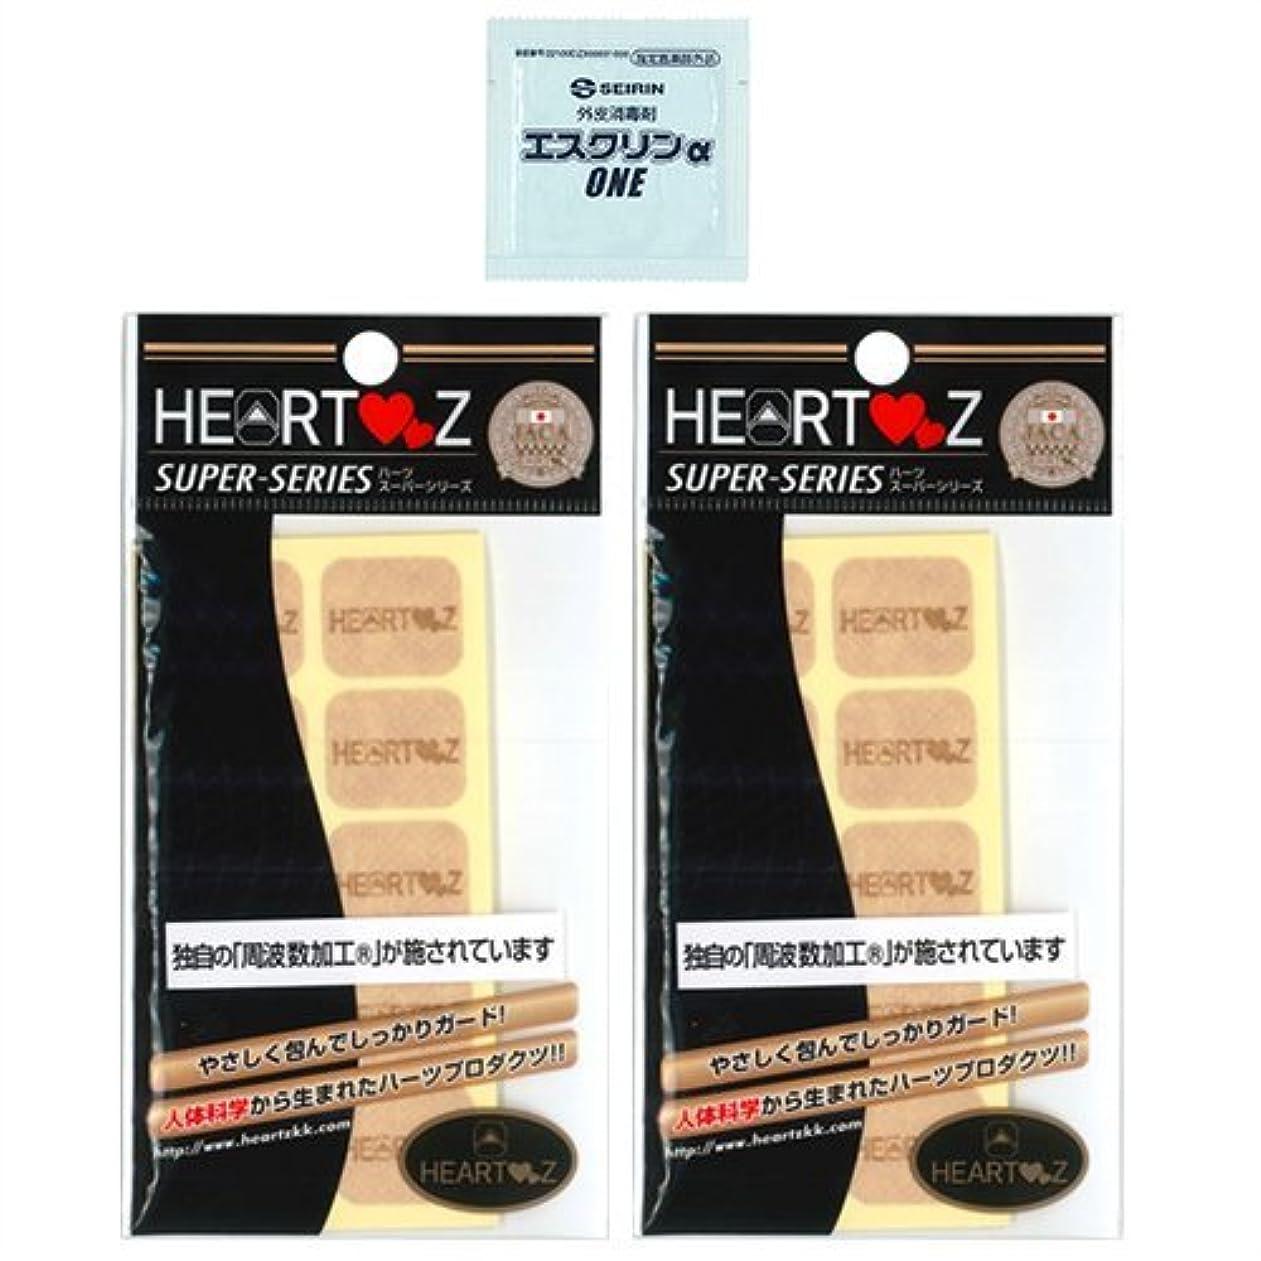 ラジウムパネルオフセット【HEARTZ(ハーツ)】ハーツスーパーシール レギュラータイプ 80枚入×2個セット (計160枚) + エスクリンαONEx1個 セット